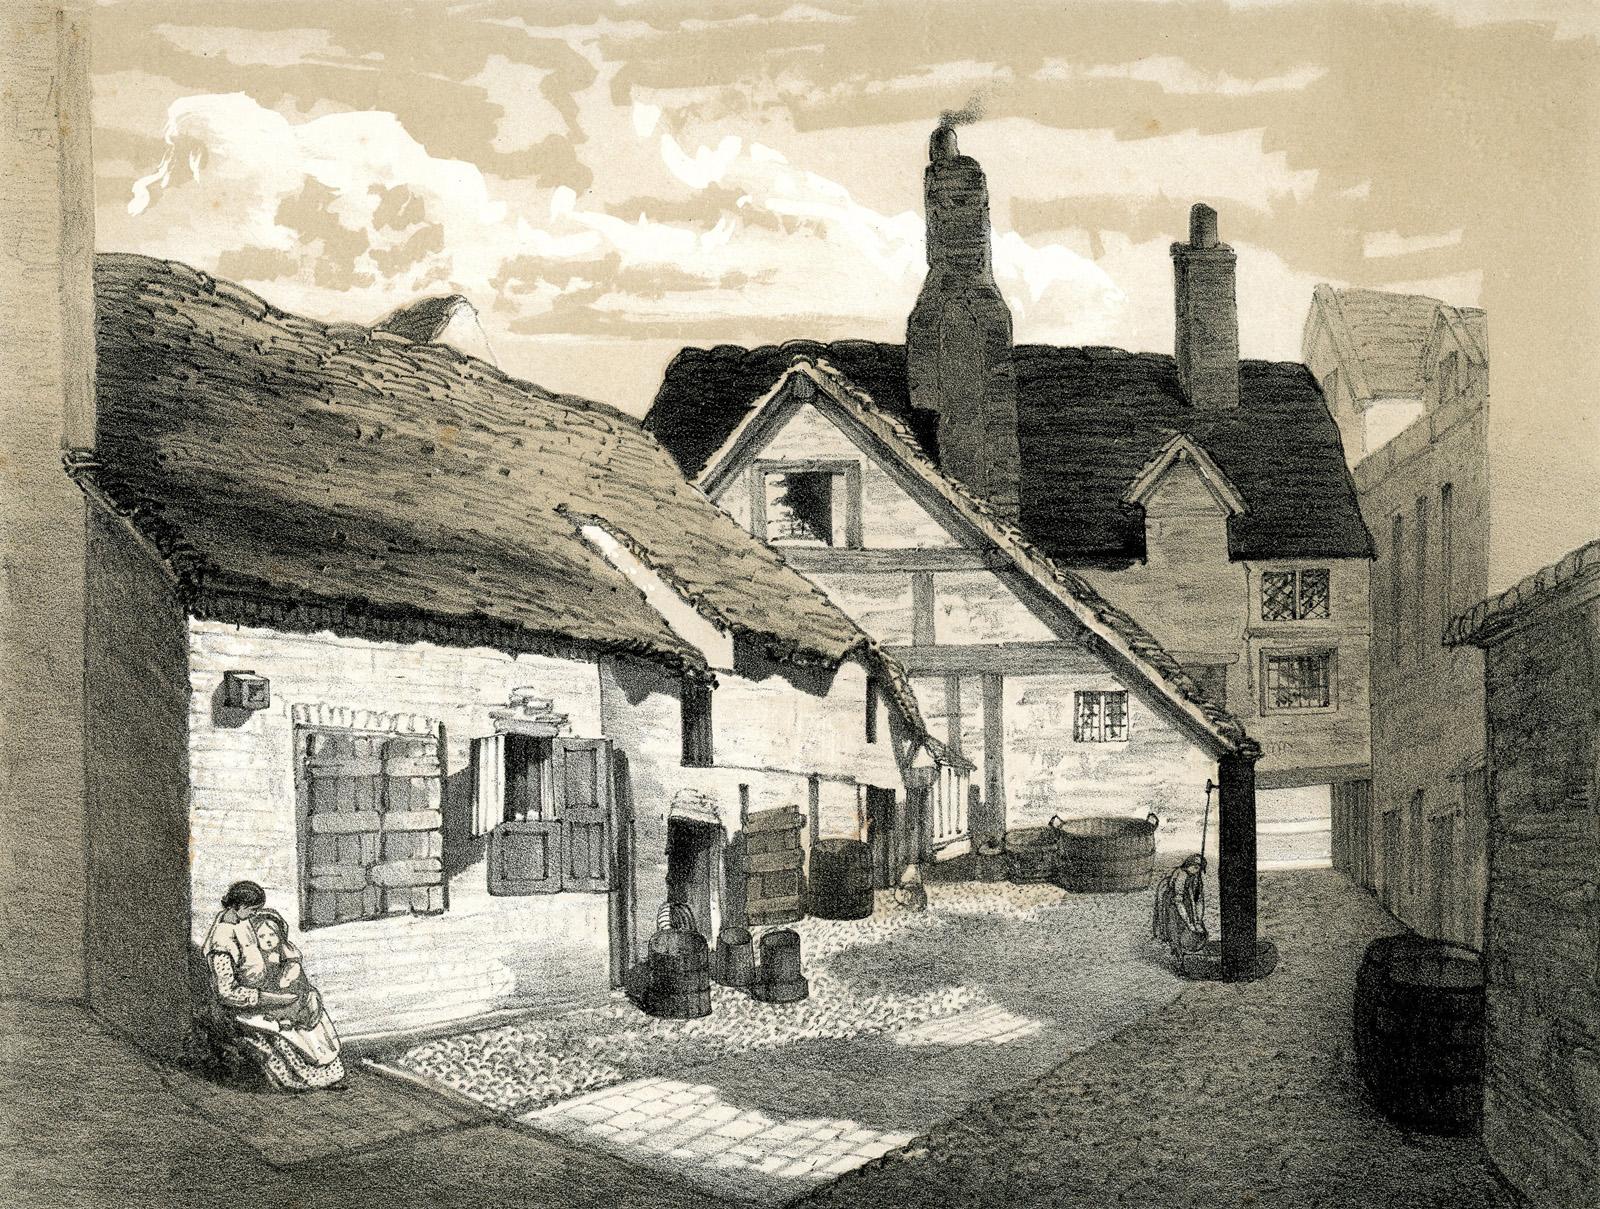 Old Buildings in Digbeth